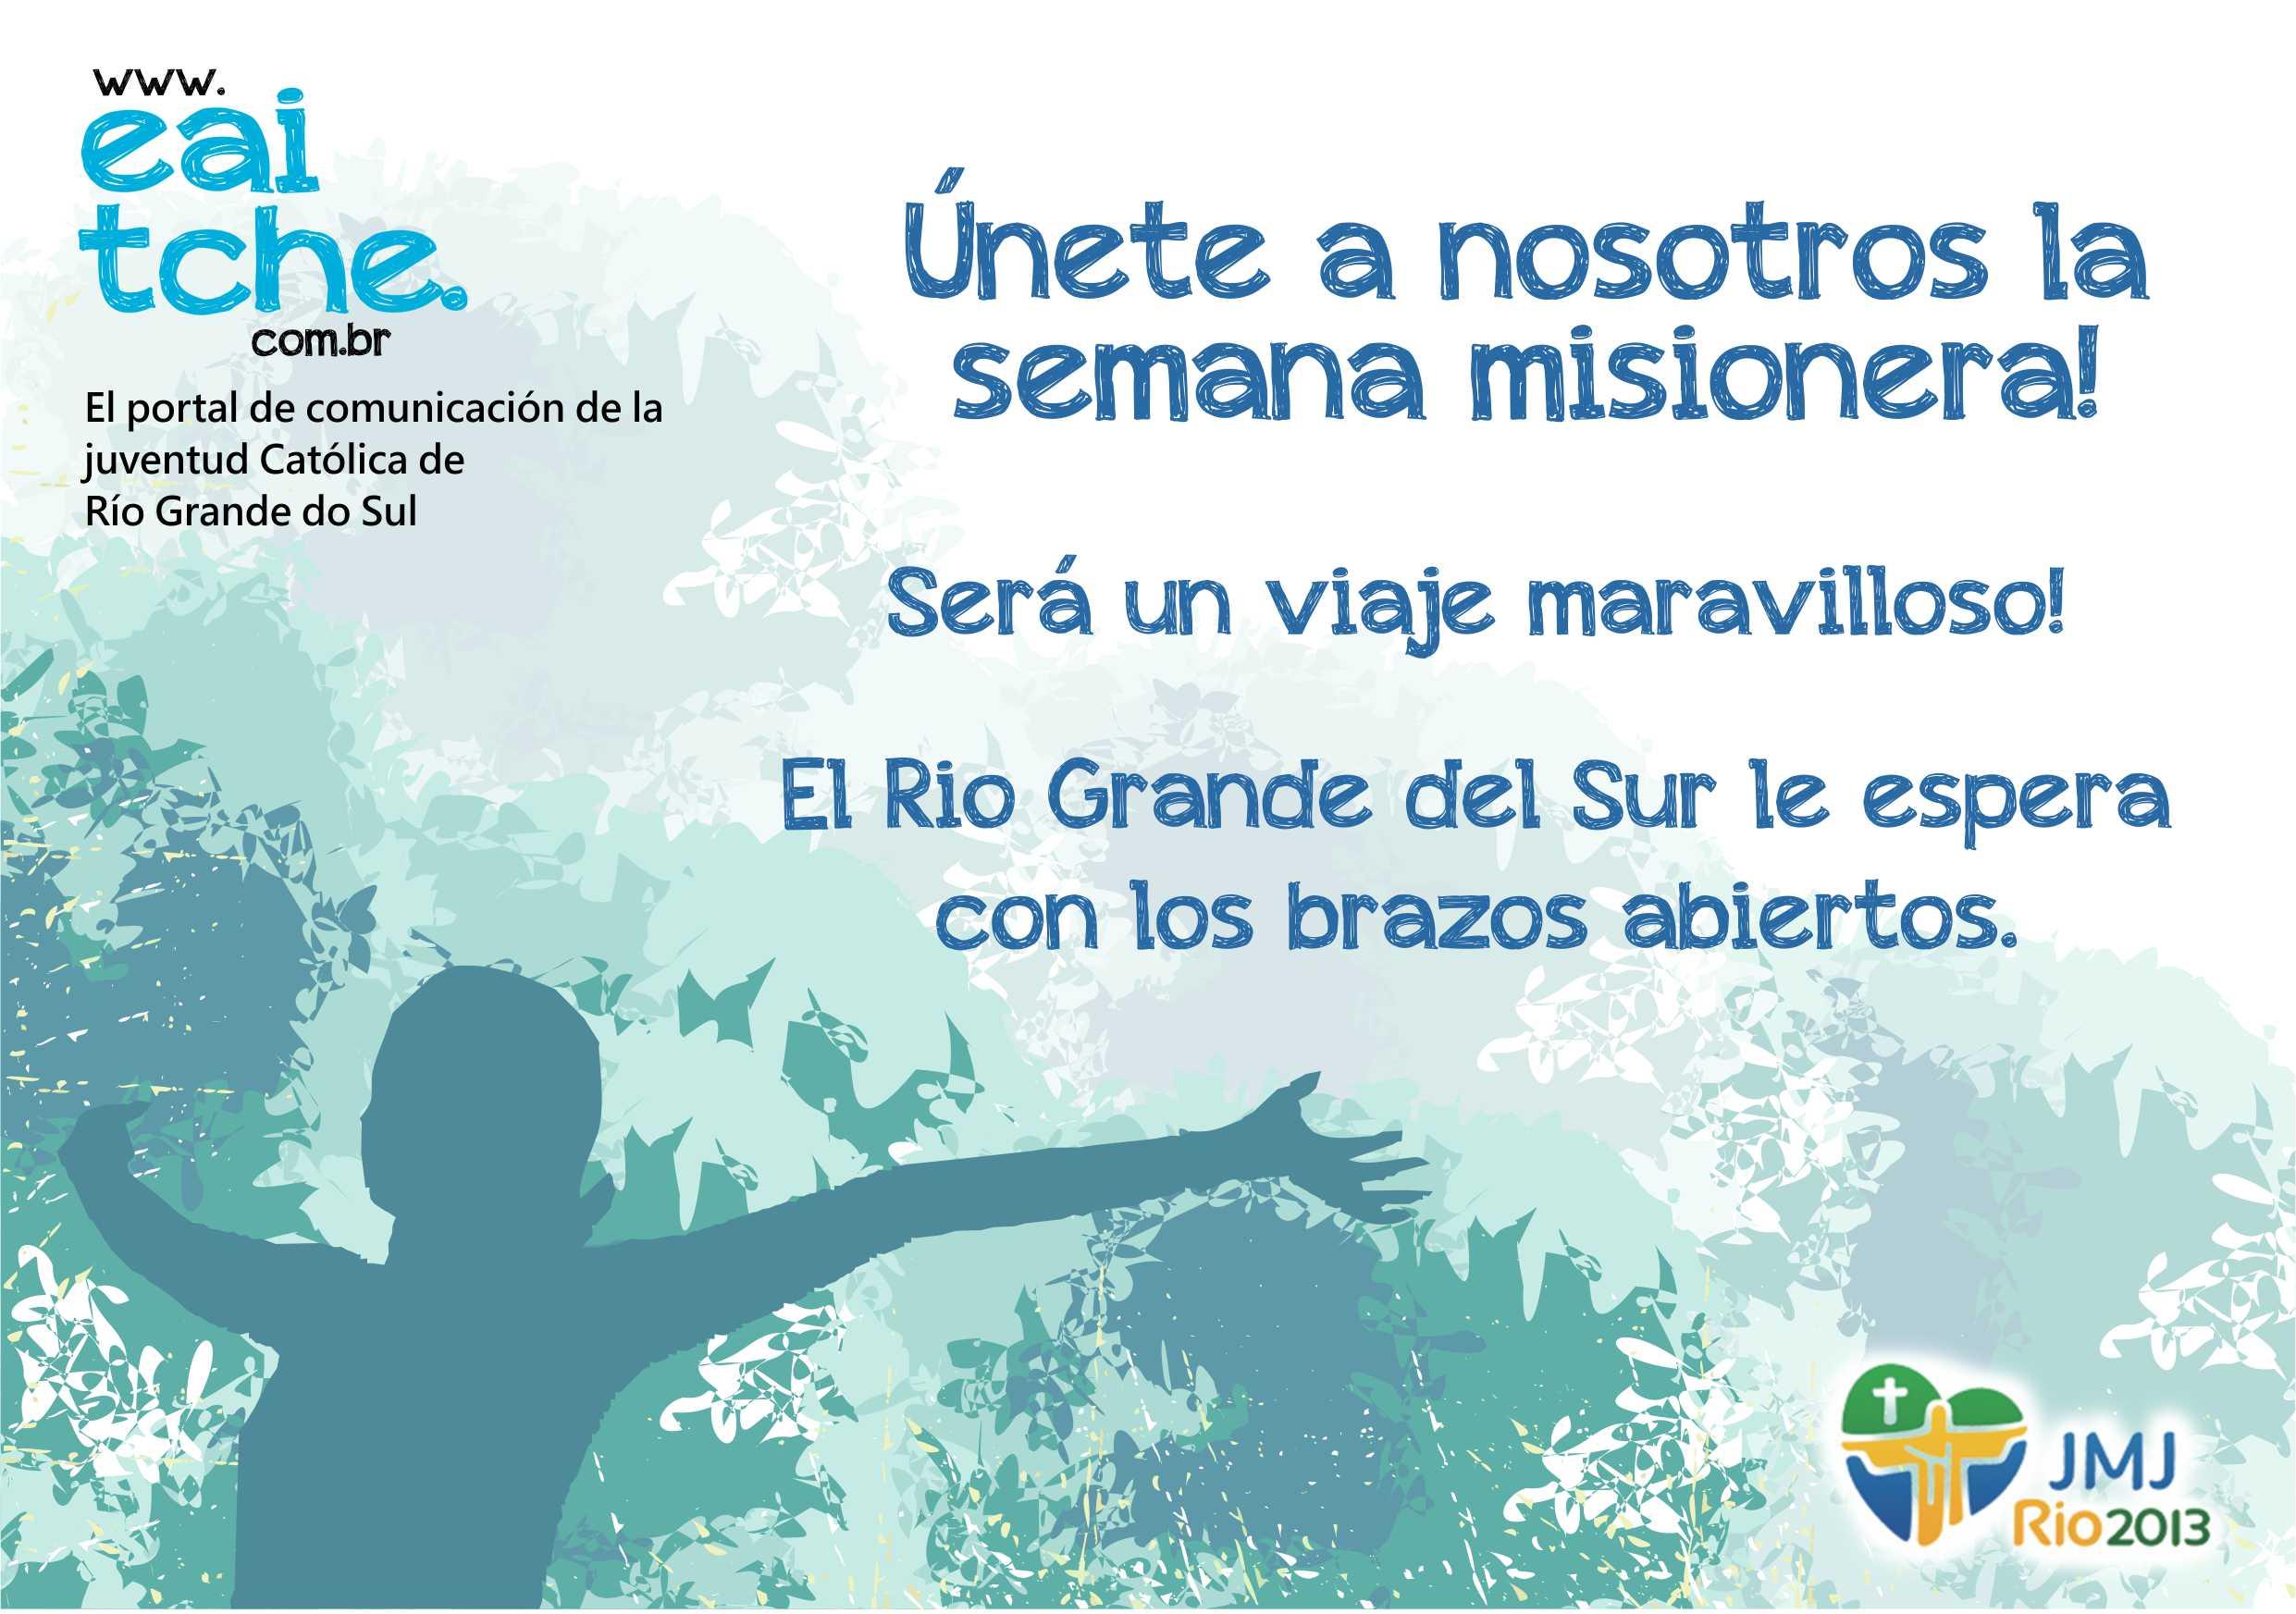 Rio Grande do Sul lança divulgação da Semana Missionária em cinco idiomas